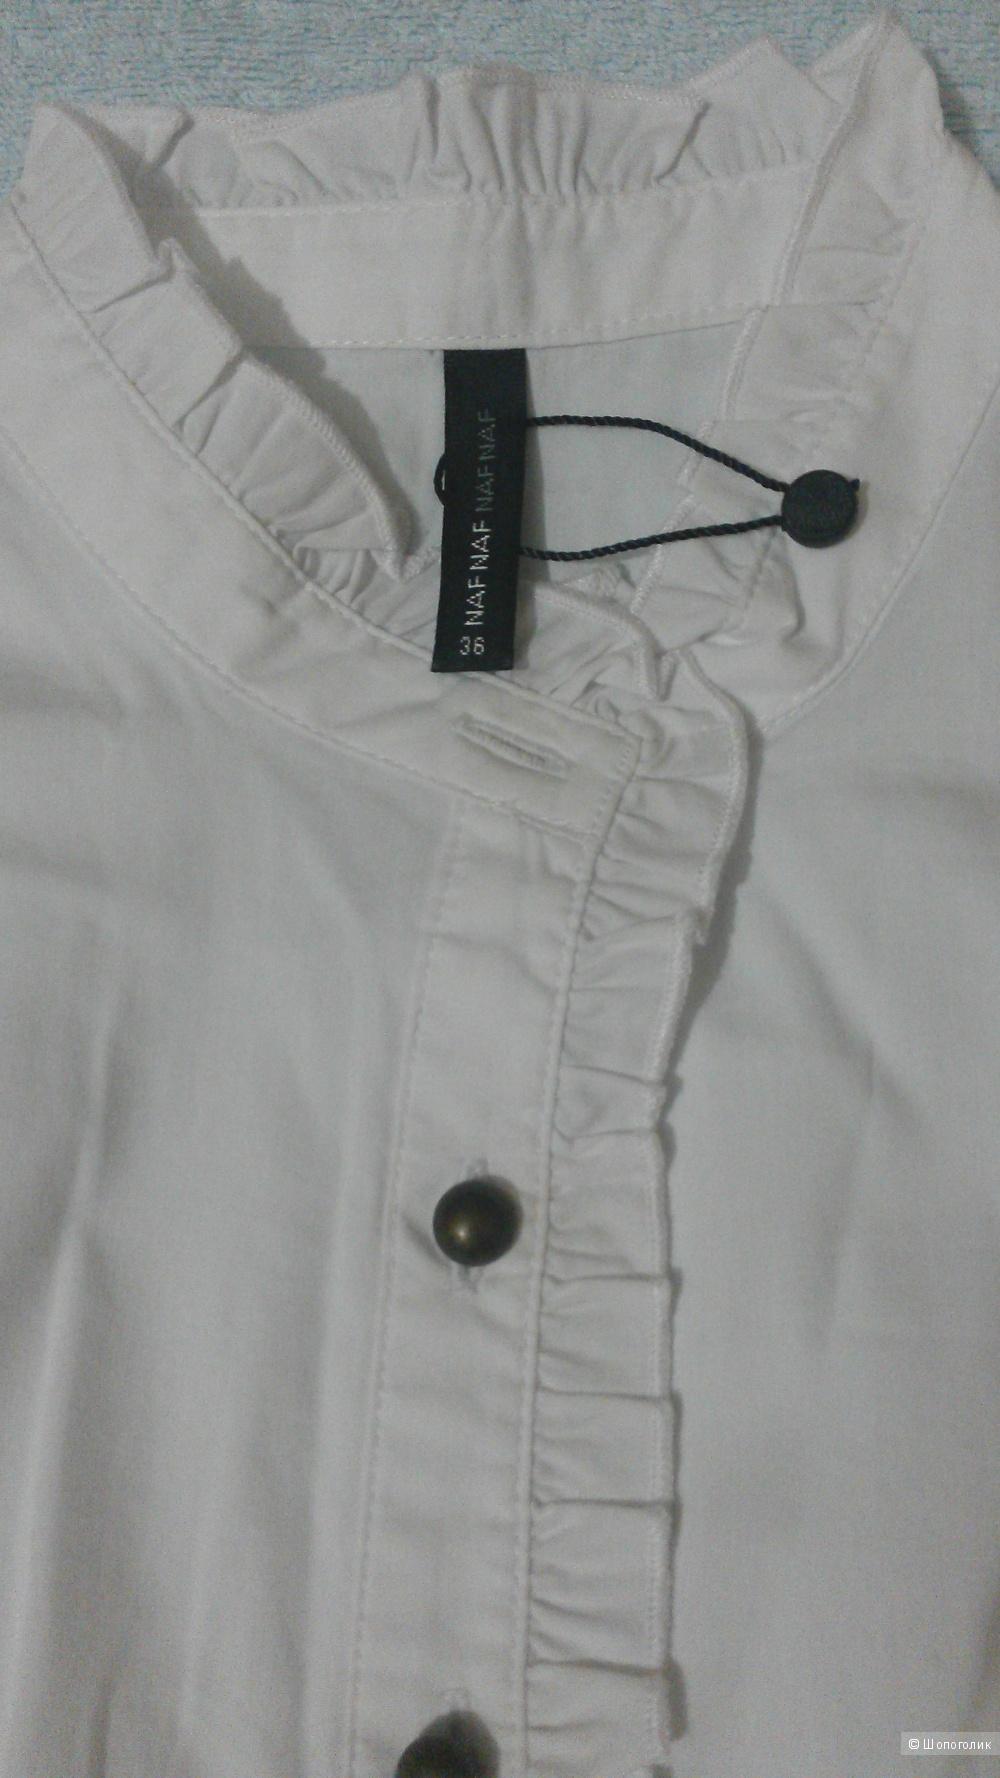 Белая рубашка NAF NAF (размер 36), новая